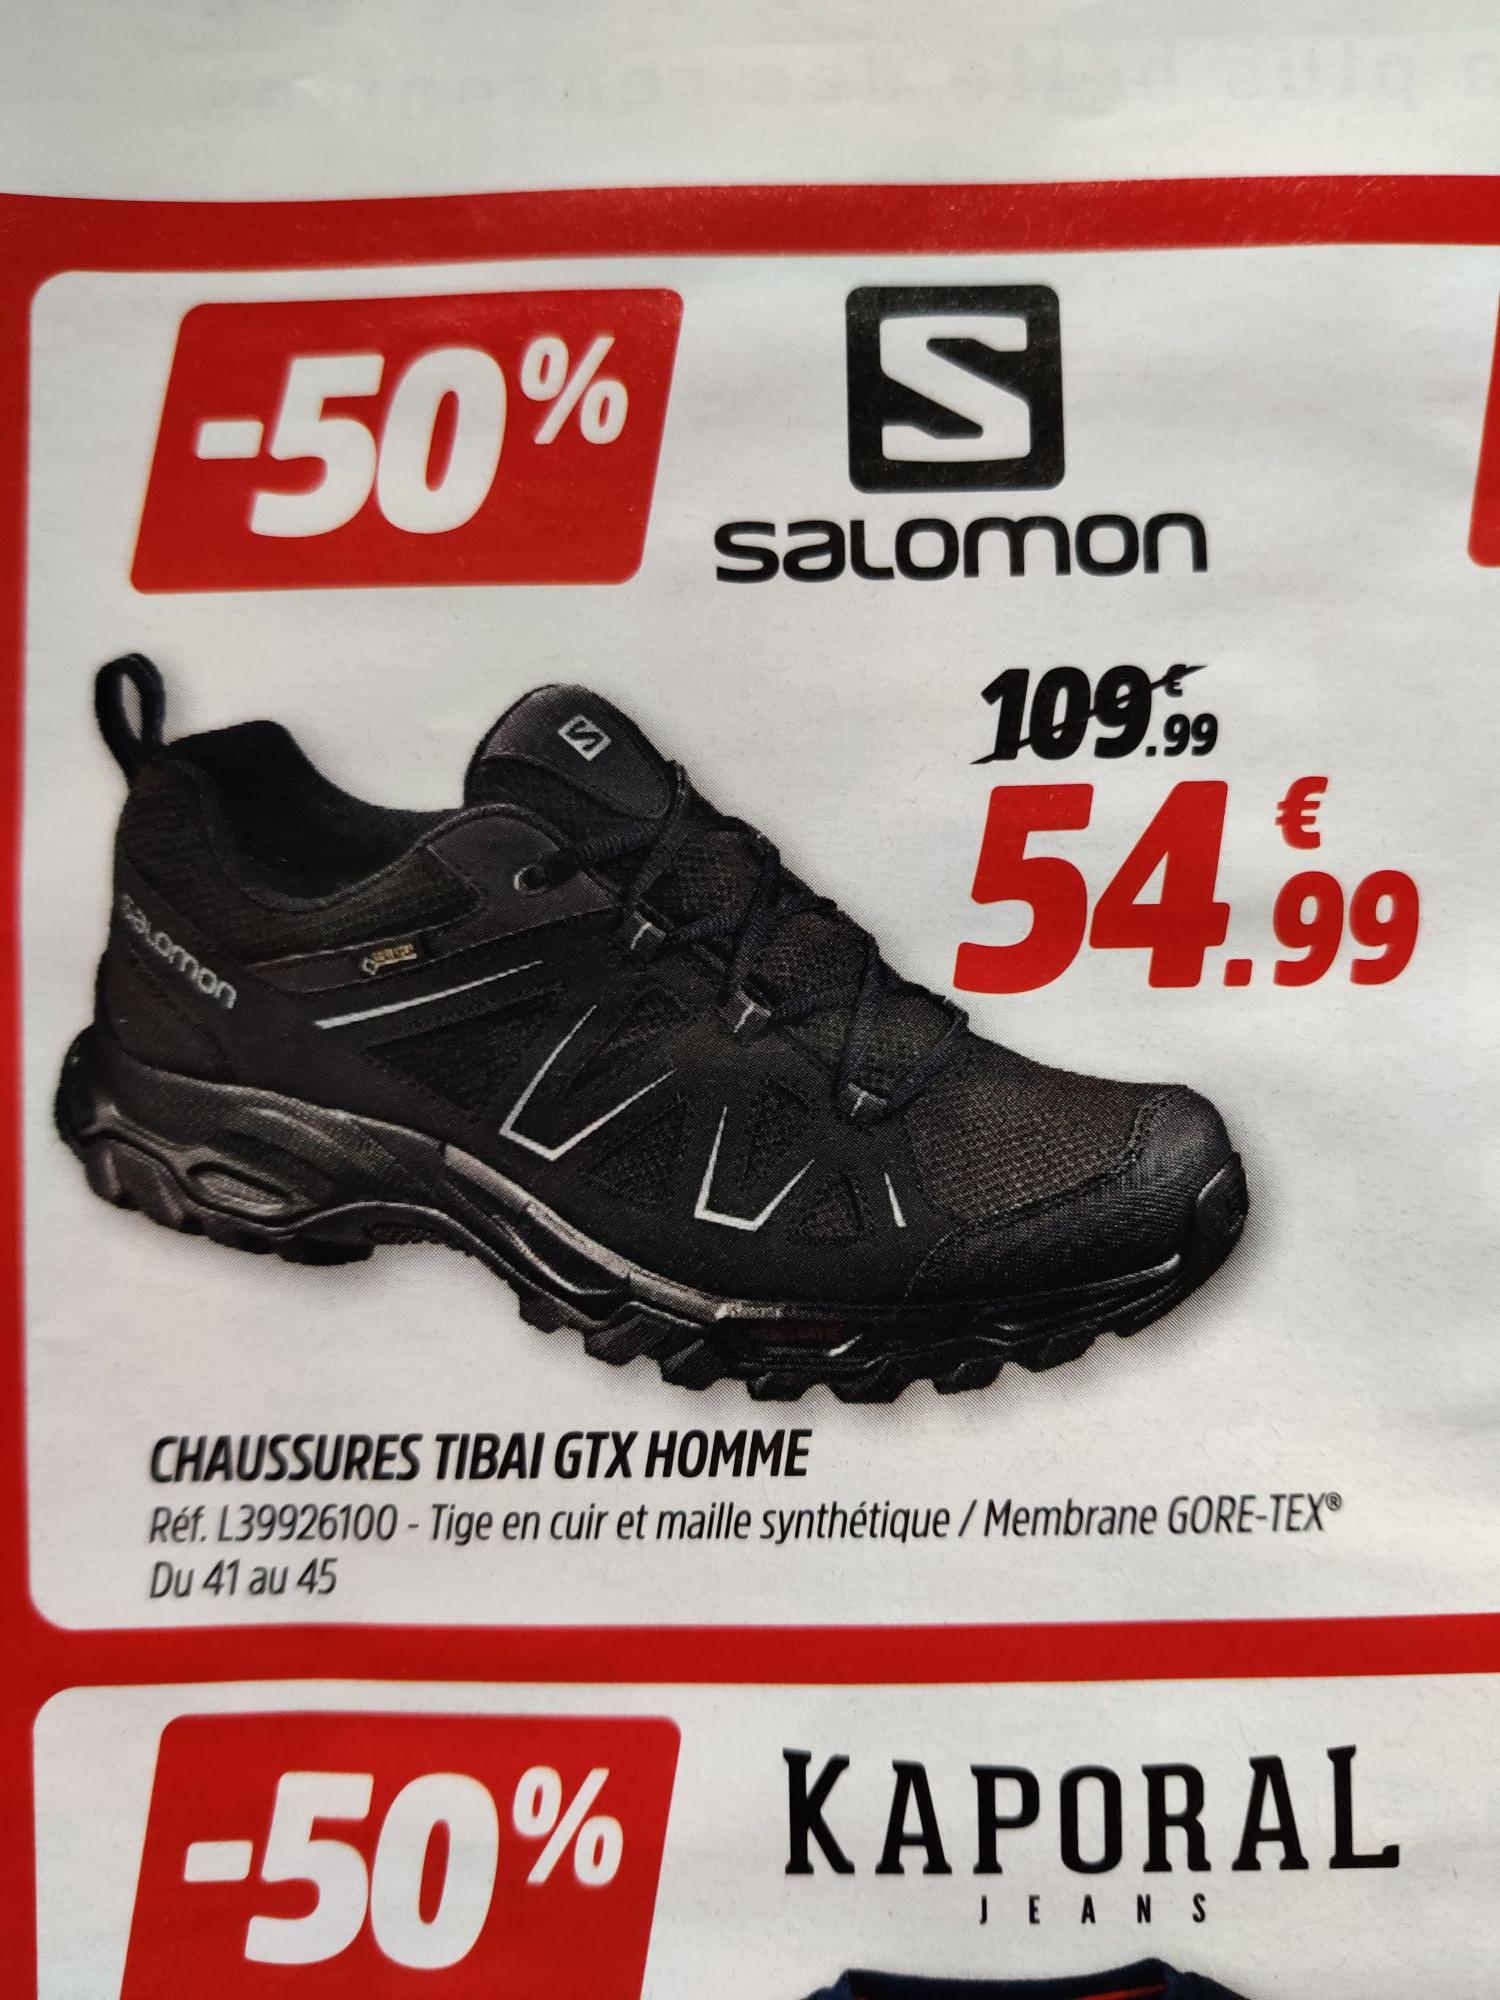 Chaussures de randonnée SalomonTibai GTX Gore-Tex (du 41 au 45)